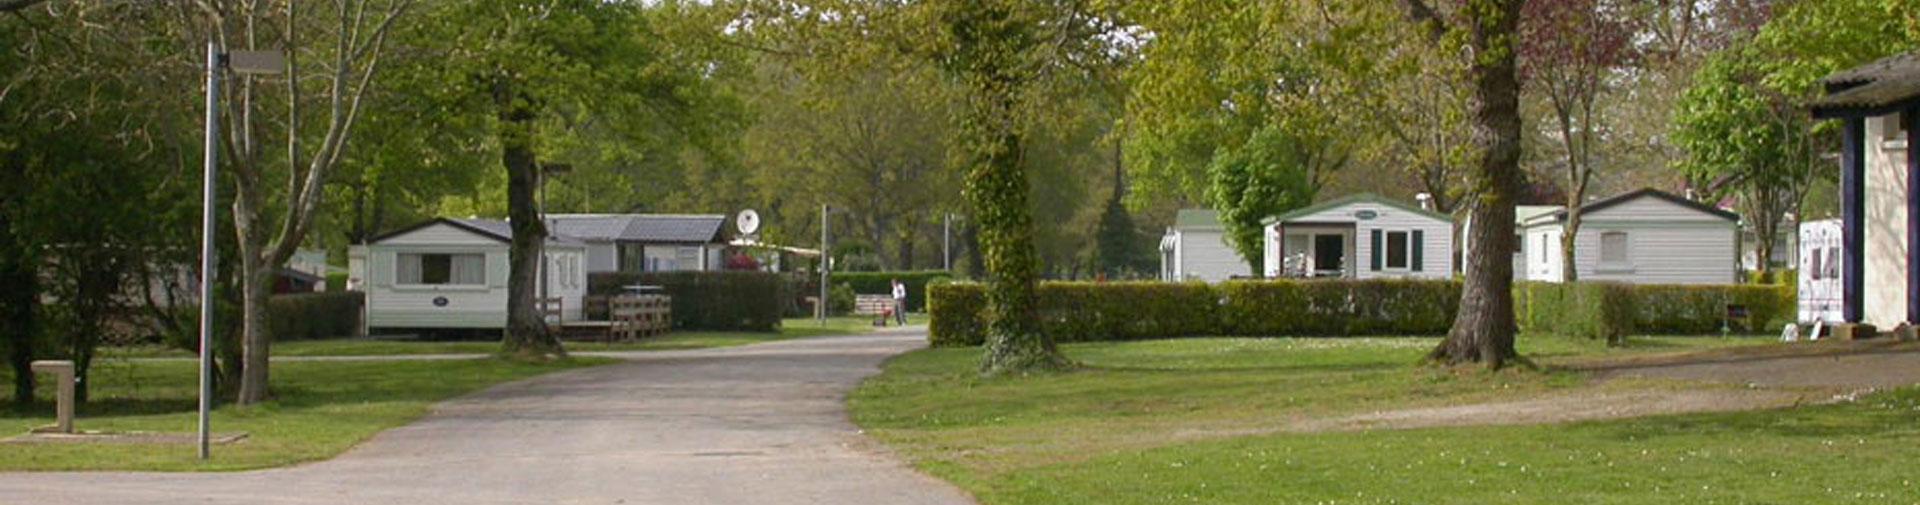 residentiel-camping-du-lac-sur-bain-de-bretagne